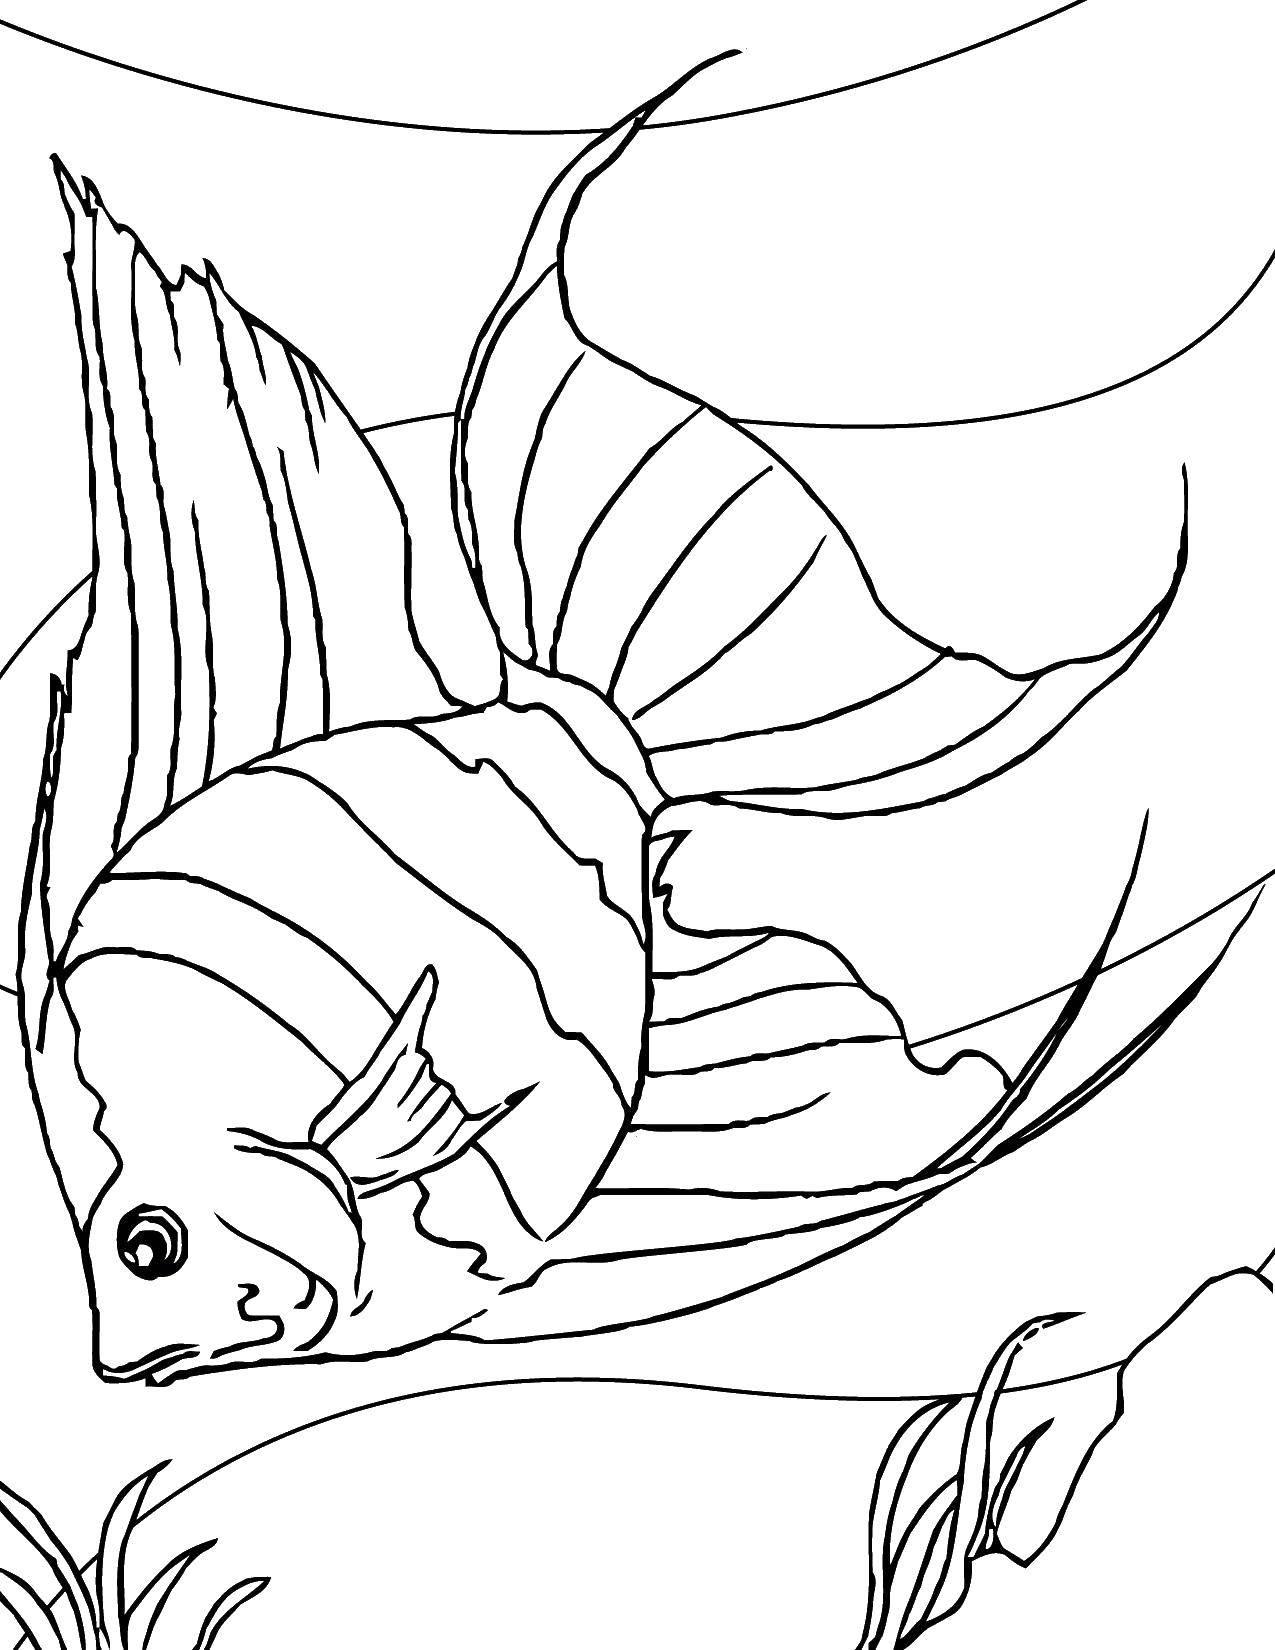 Раскраска Рыба с большими плавниками. Скачать рыба, плавник, хвост.  Распечатать ,рыбы,